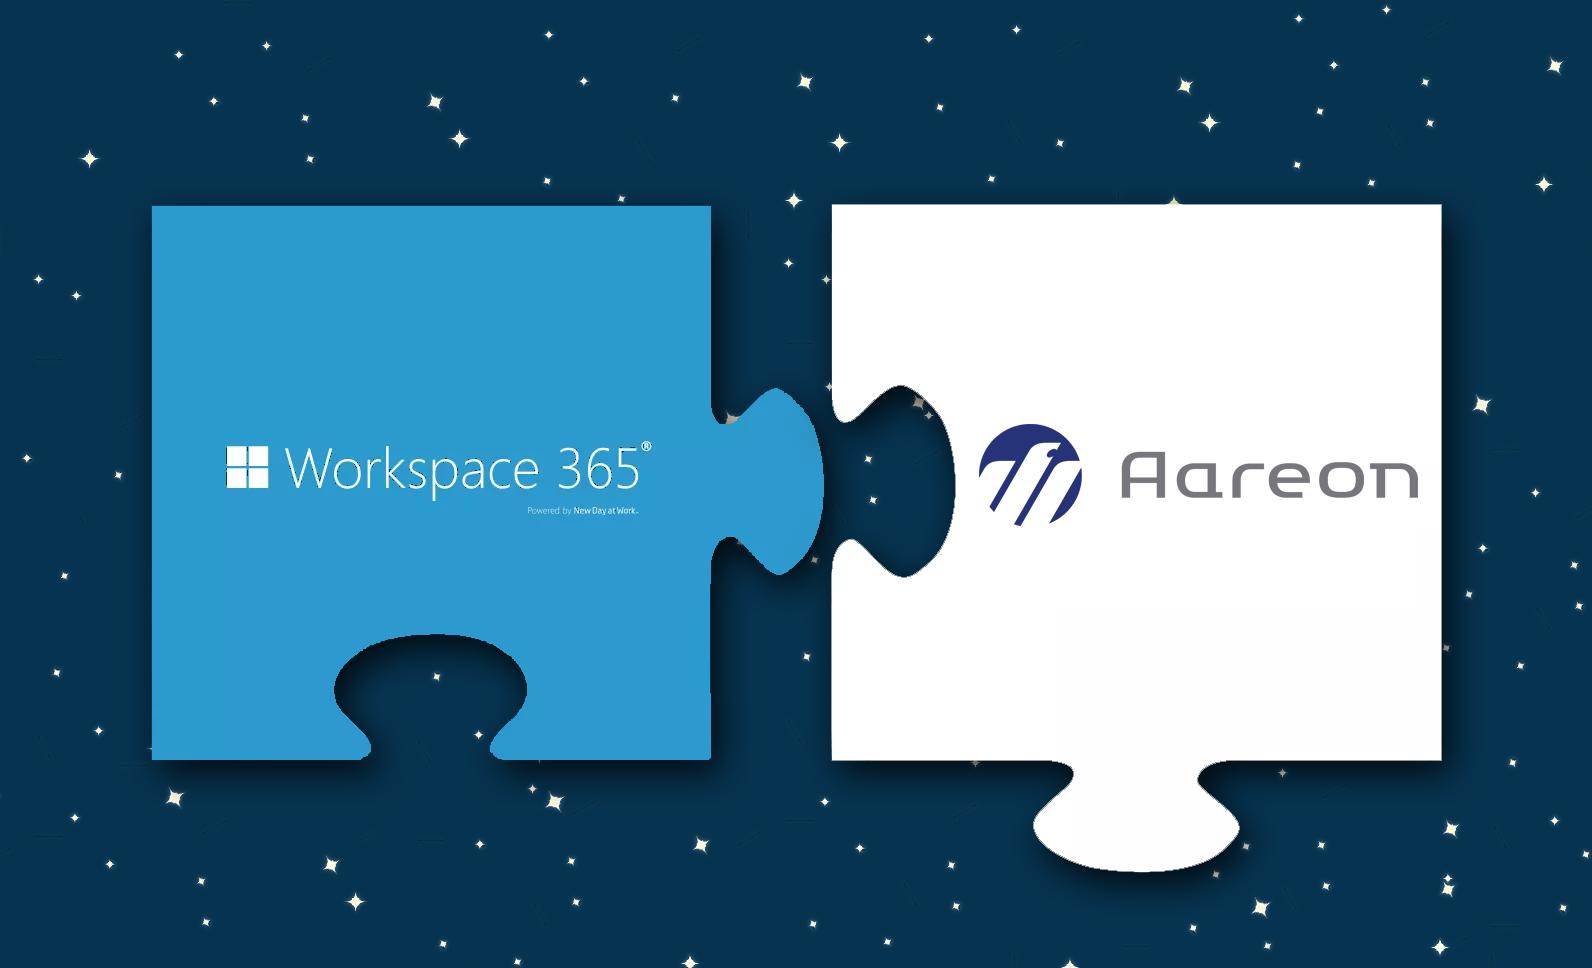 Aareon Workspace 365